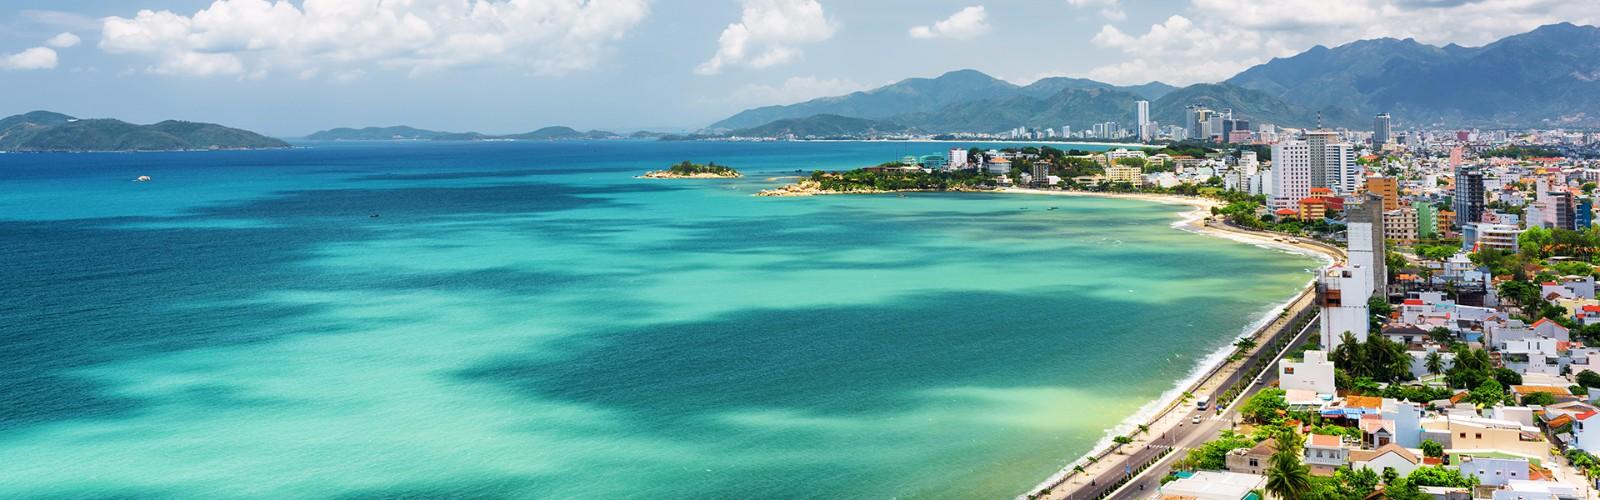 Nha Trang Beach Stay Tour